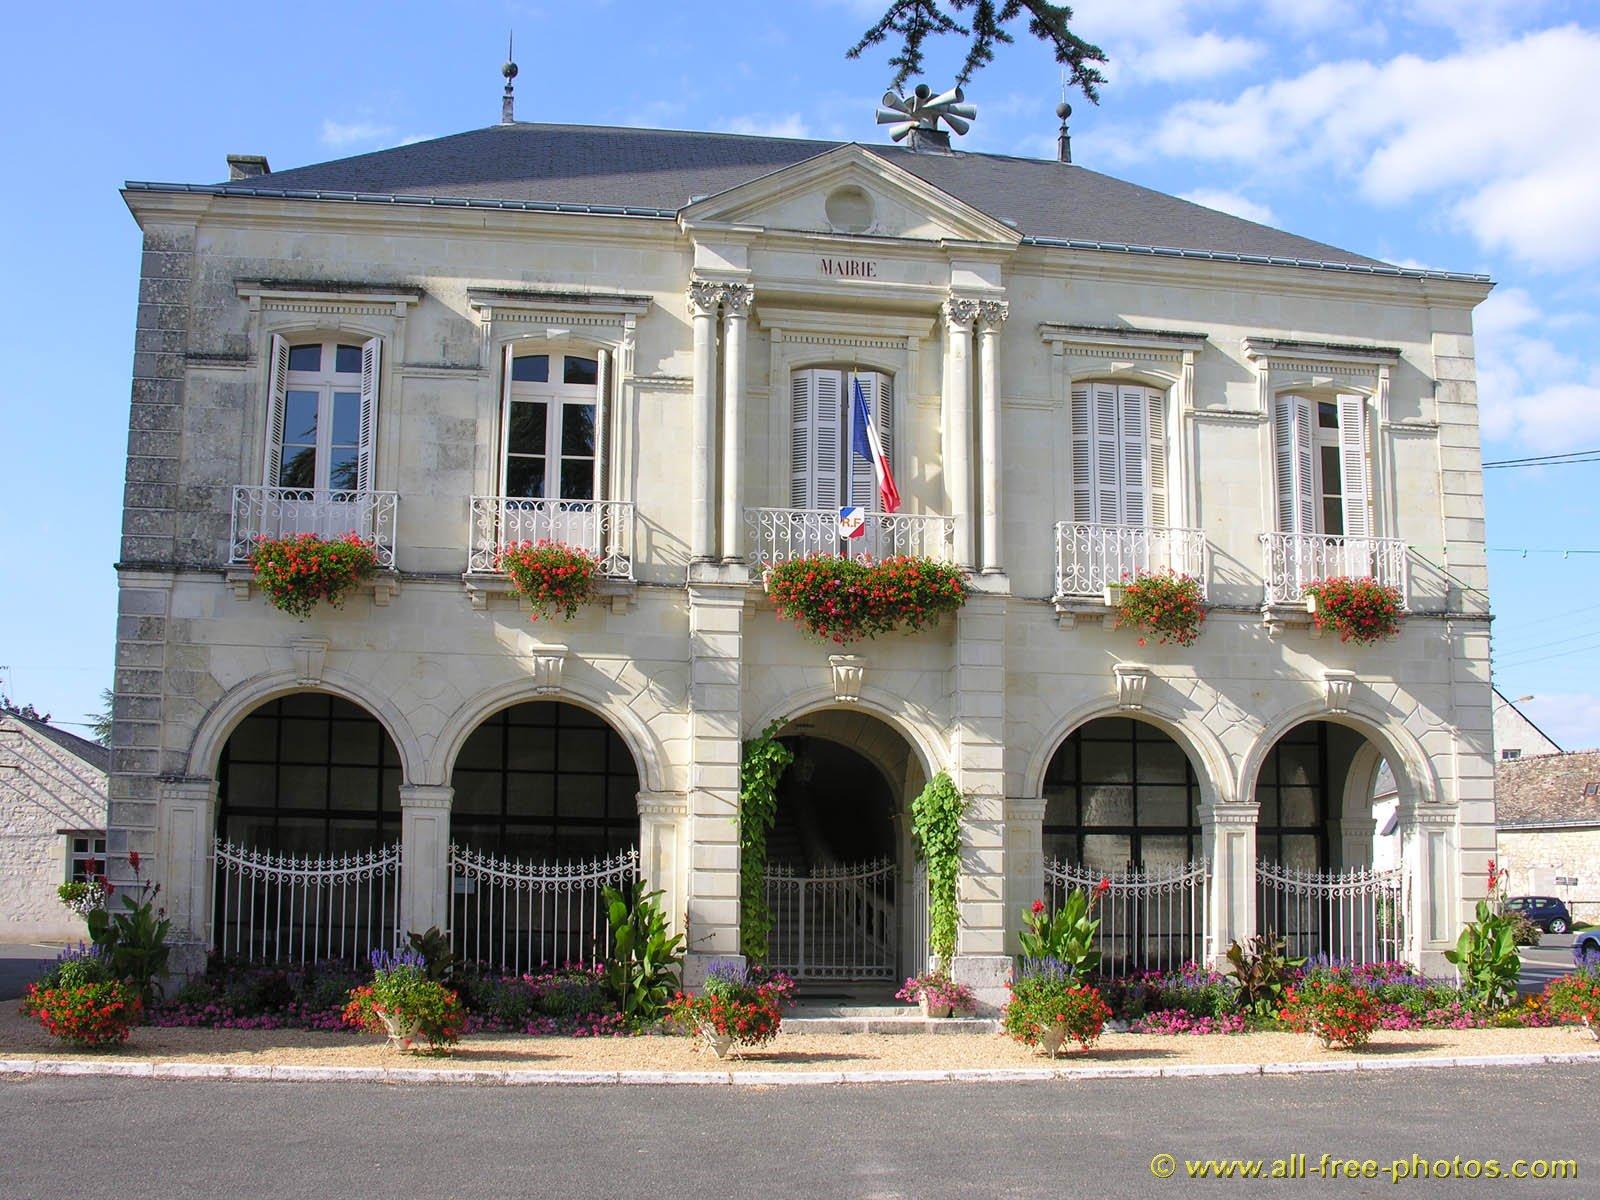 Vignobles et belles demeures de bourgueil restigne 37140 for Demeures belles